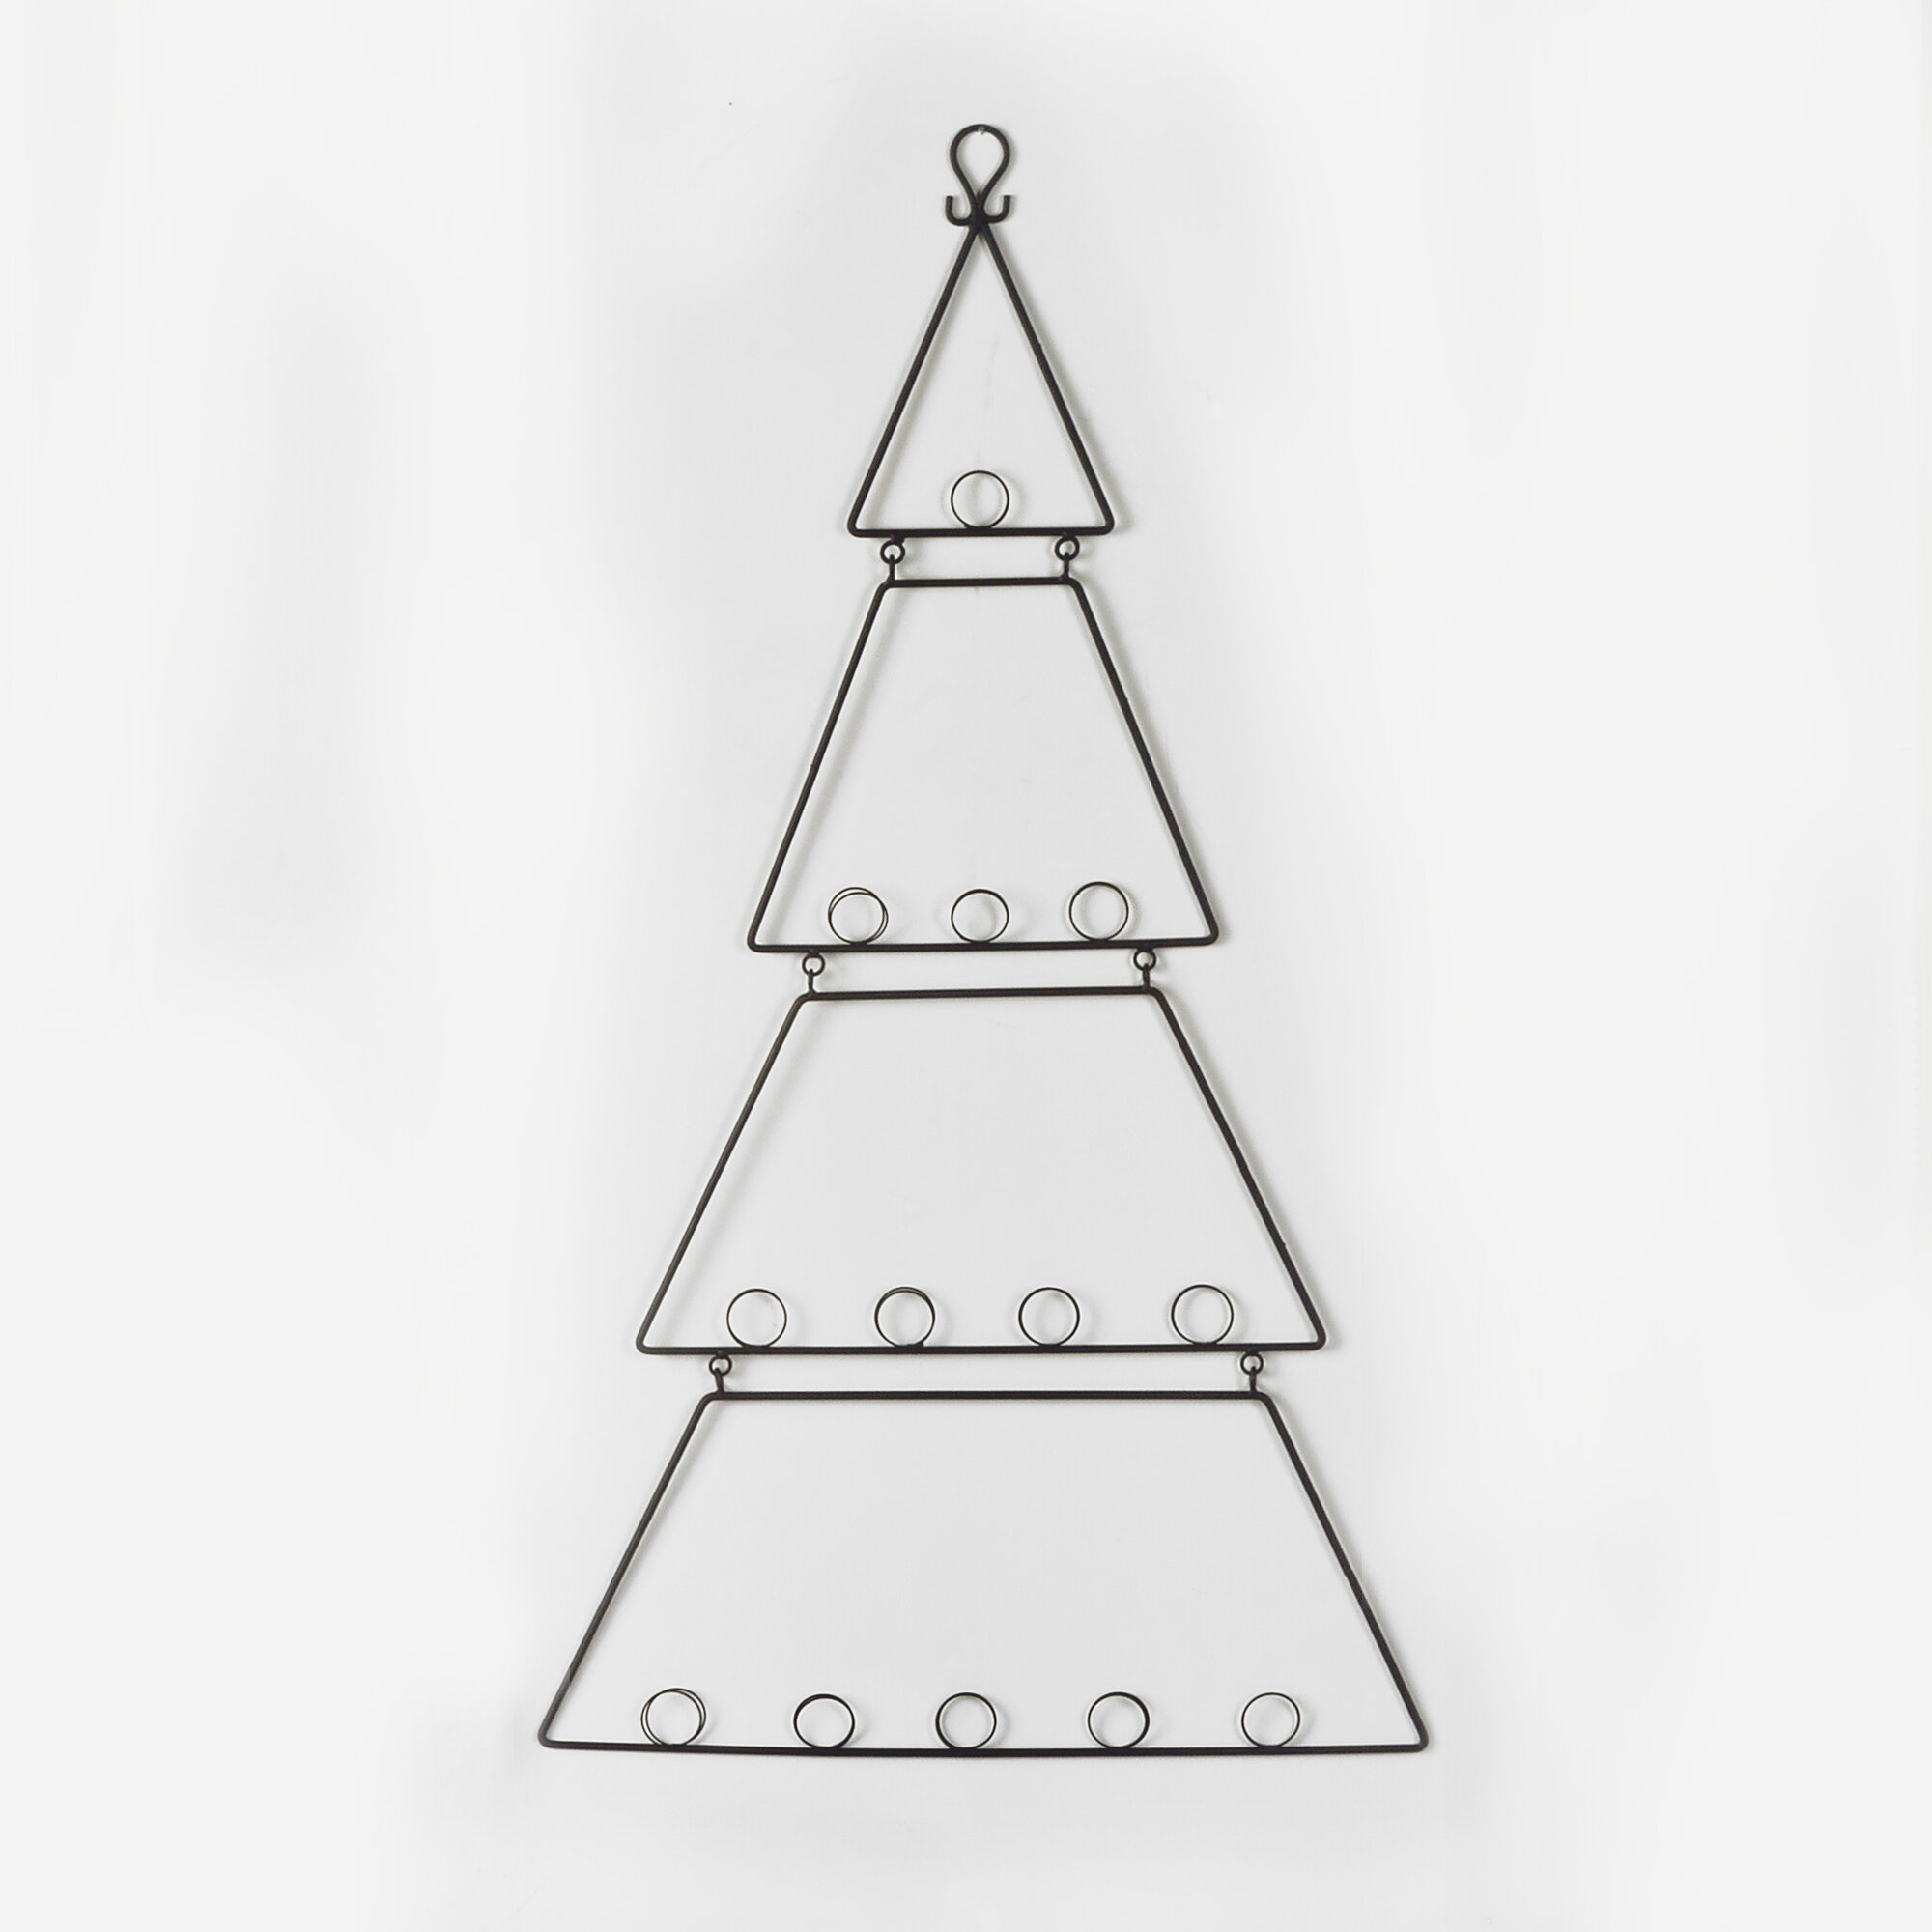 Seahawks Christmas Tree.Seattle Seahawks Christmas Tree Ornaments Jfk Half Dollar Us